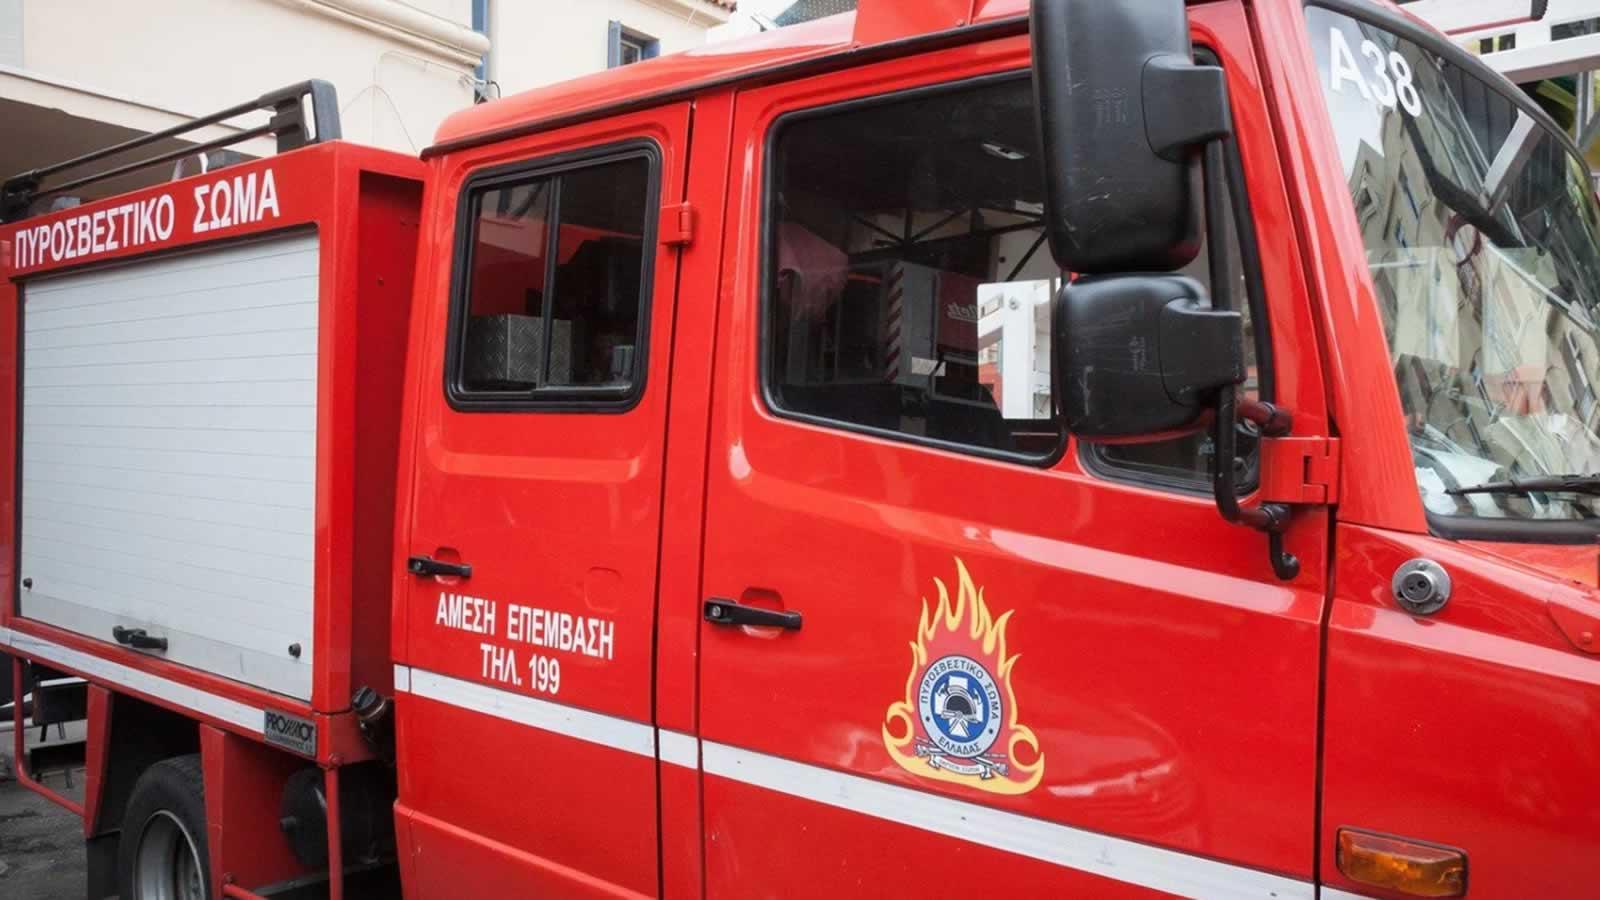 Στις φλόγες τυλίχτηκε σήμερα τα ξημερώματα οικία η οποία σύμφωνα με τις πρώτες πληροφορίες ήταν ακατοίκητη στην Άνω Πόλη Θεσσαλονίκης